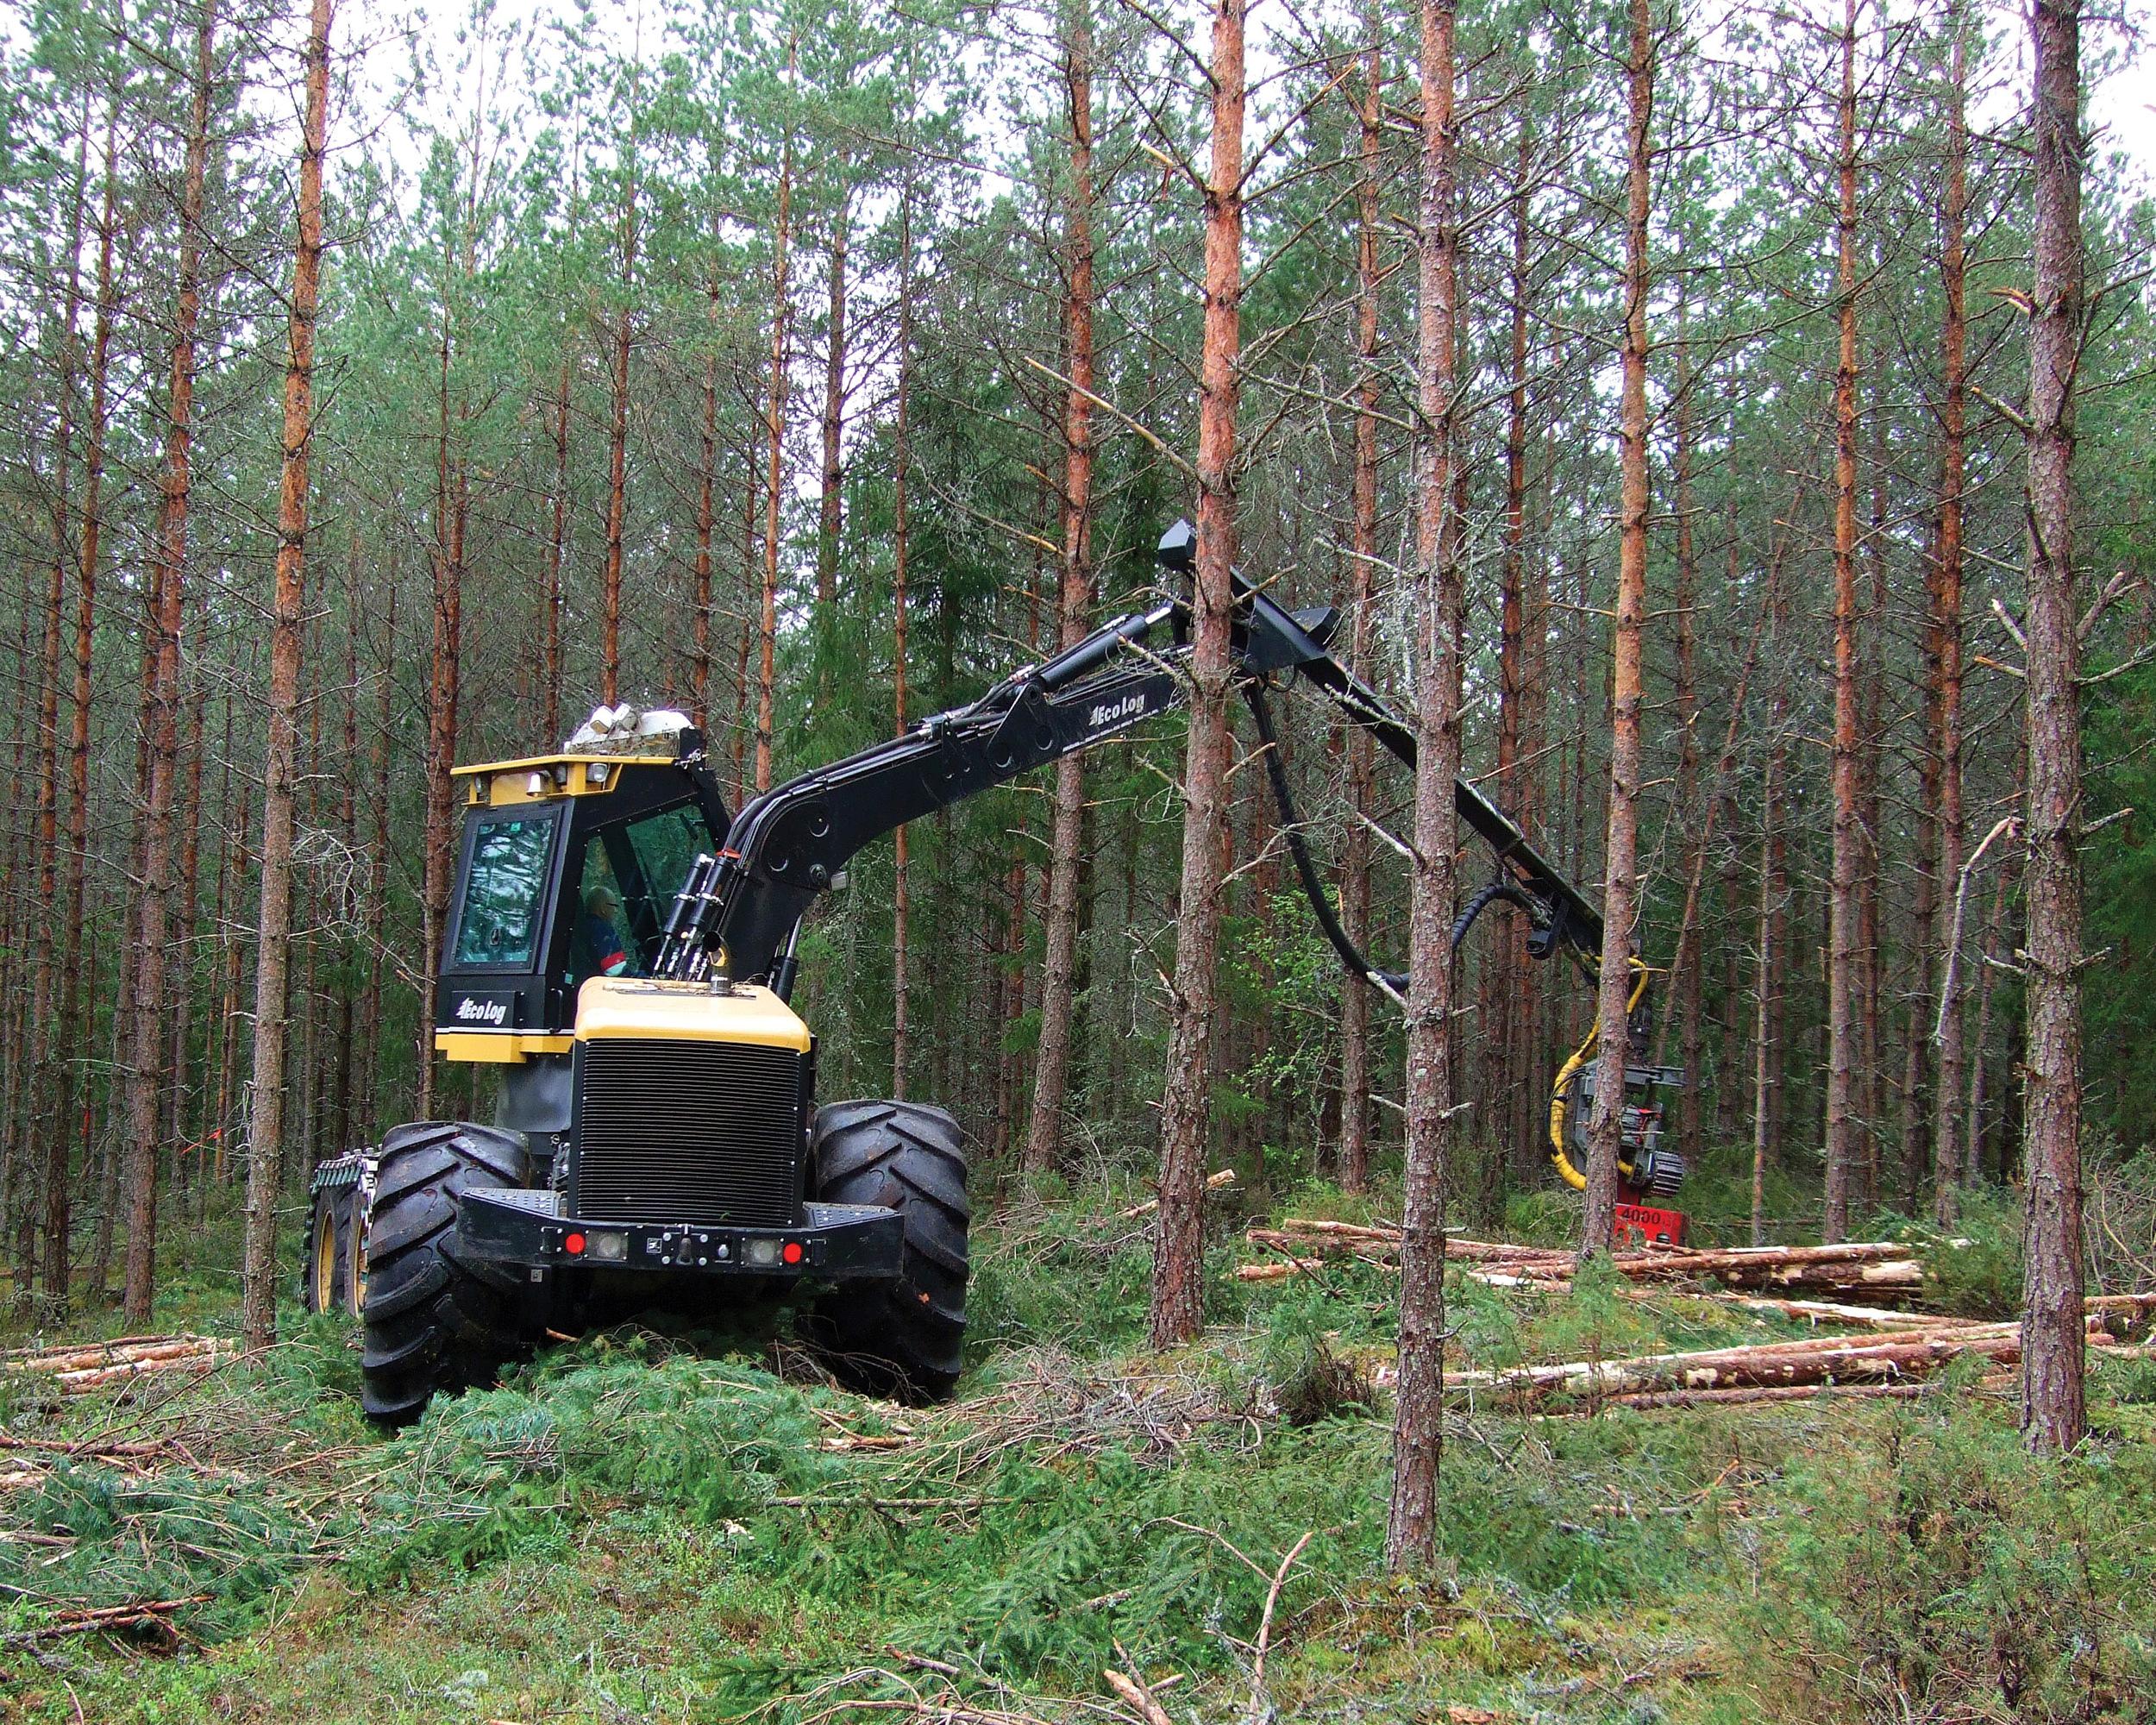 Norsk PEFC Skogstandard blir benyttet som et viktig grunnlag for skogsertifisering i Norge. Standarden har 27 kravpunkter som til sammen dekker områder og tiltak som har miljøpåvirkning eller er av betydning ved utøvelse av skogbruk. Maskinell tynning i furuskog. Foto: Gunnhild Søgaard, NIBIO